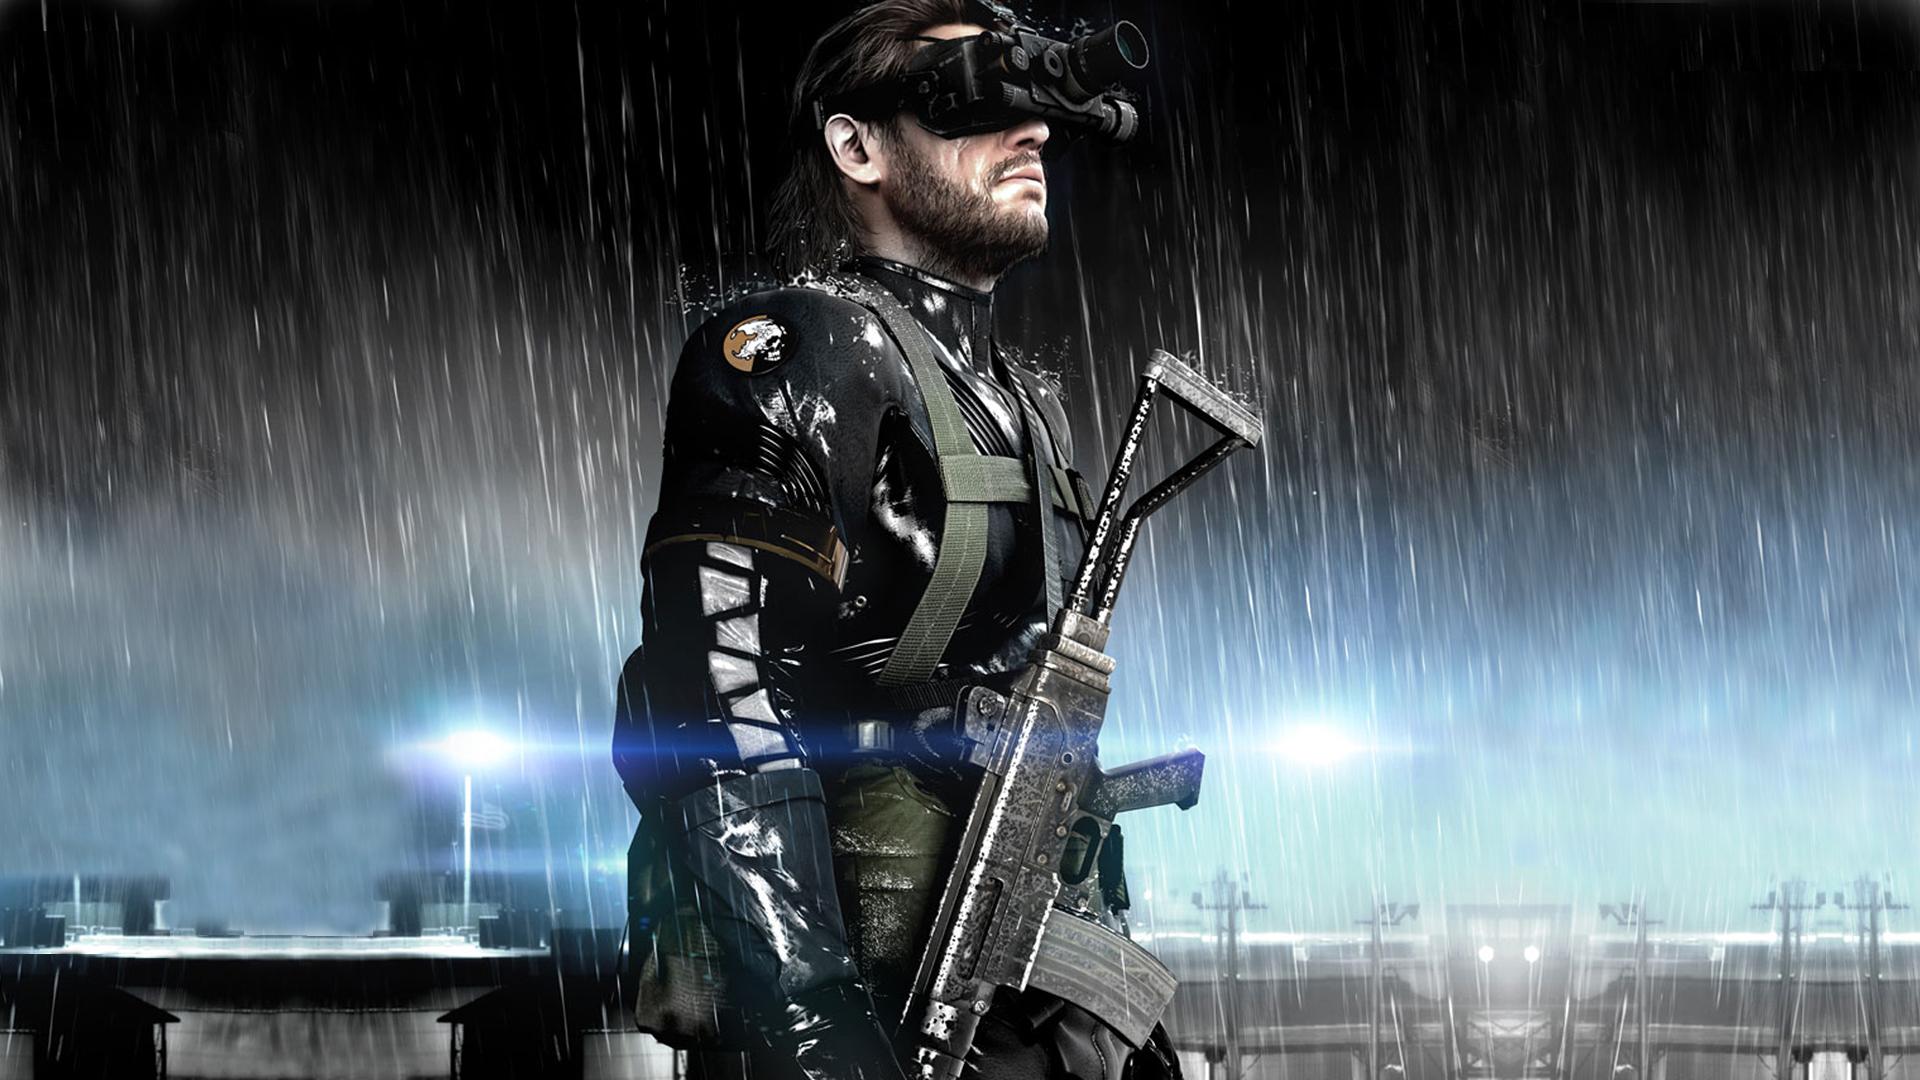 David Hayter Sound Files Found In Metal Gear Solid 5 Ground